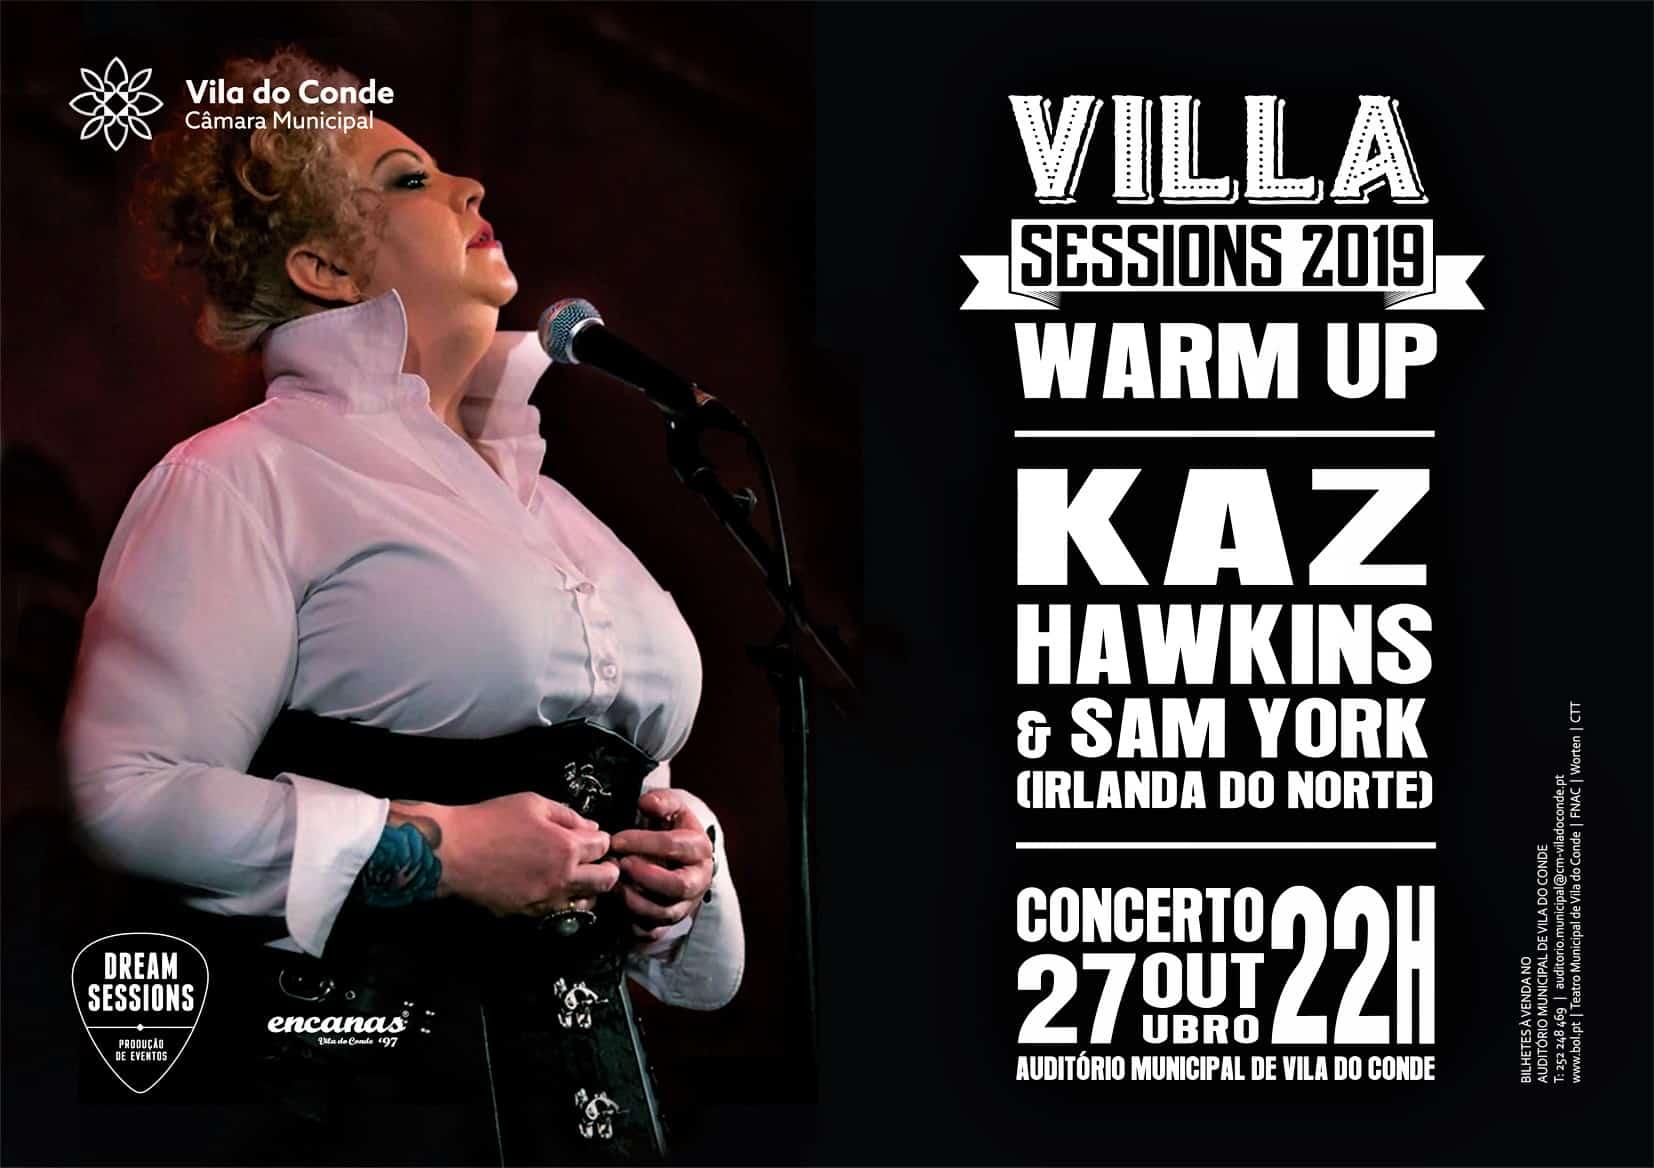 Kaz Hawkinsft Sam York vão dar um concertoem Vila do Conde